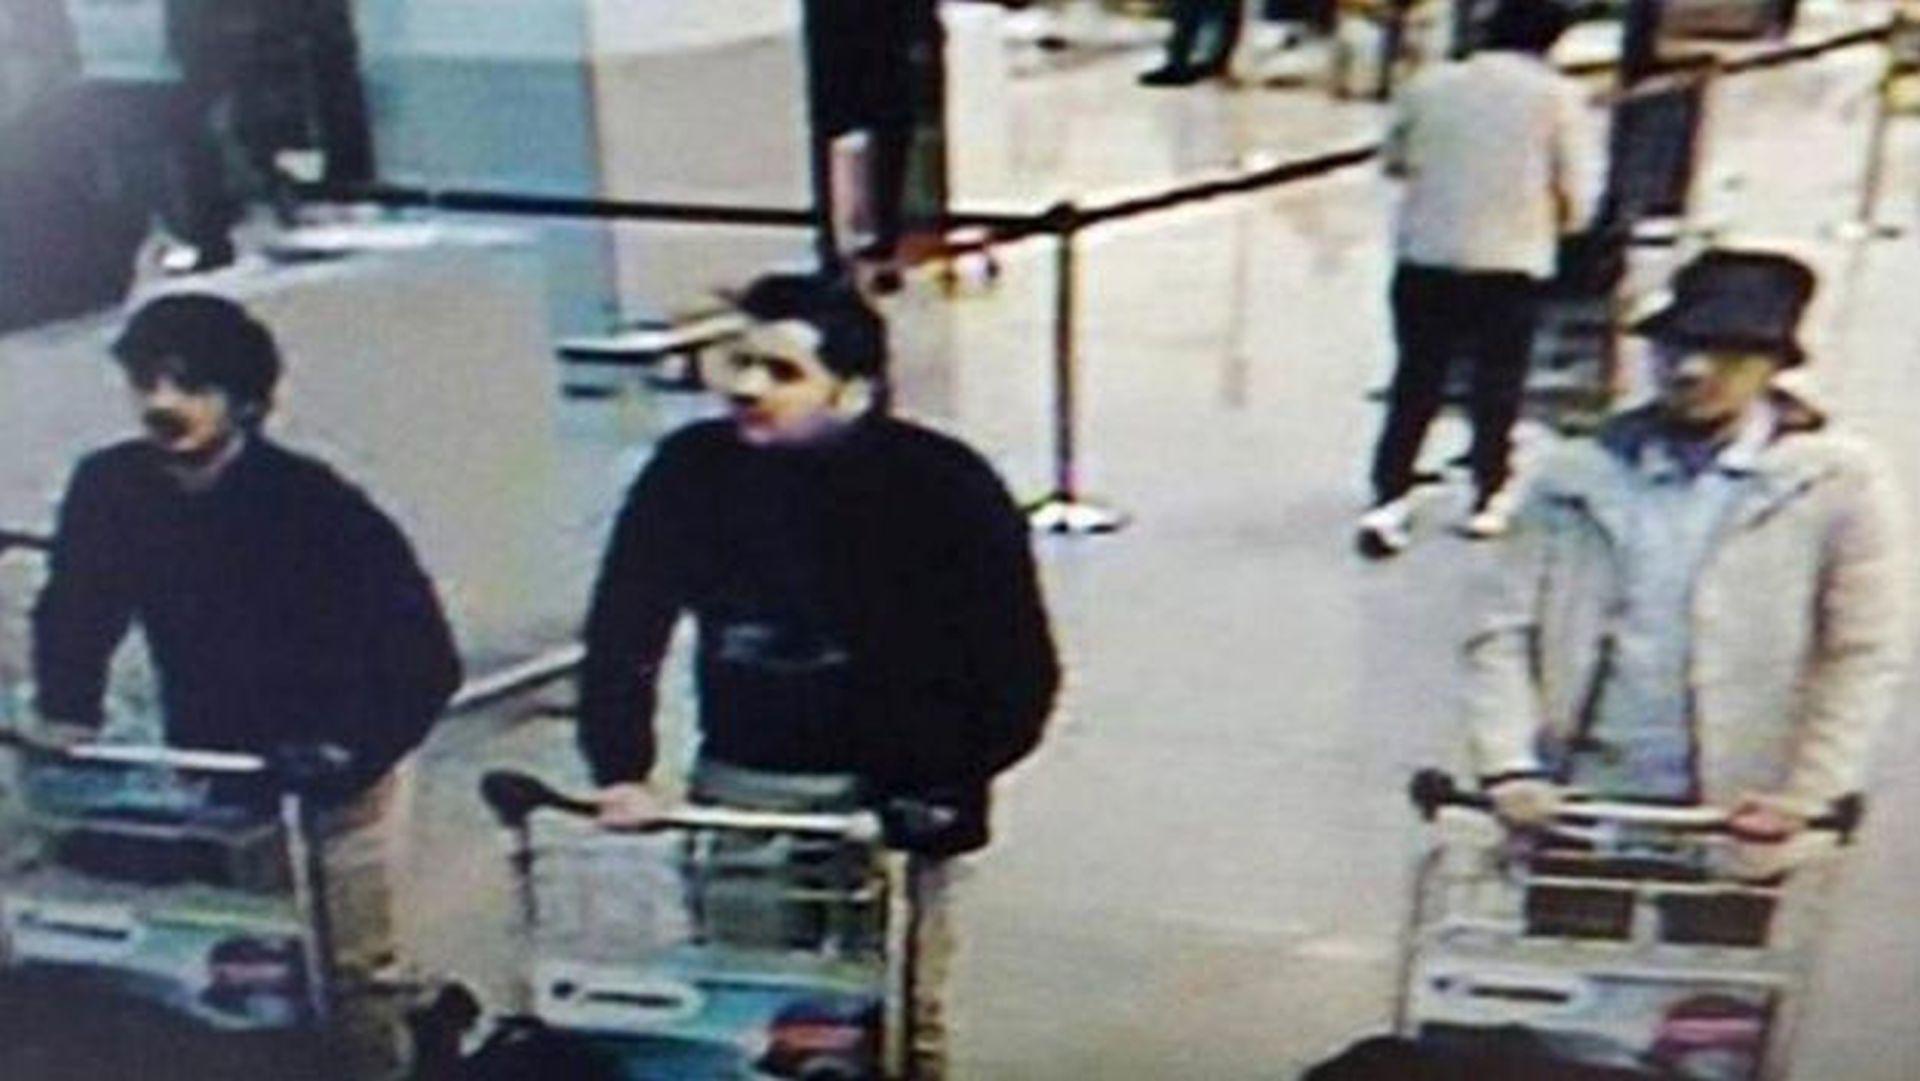 IDENTITET BOMBAŠA SAMOUBOJICA: Sudjelovali su i u napadima u Parizu?